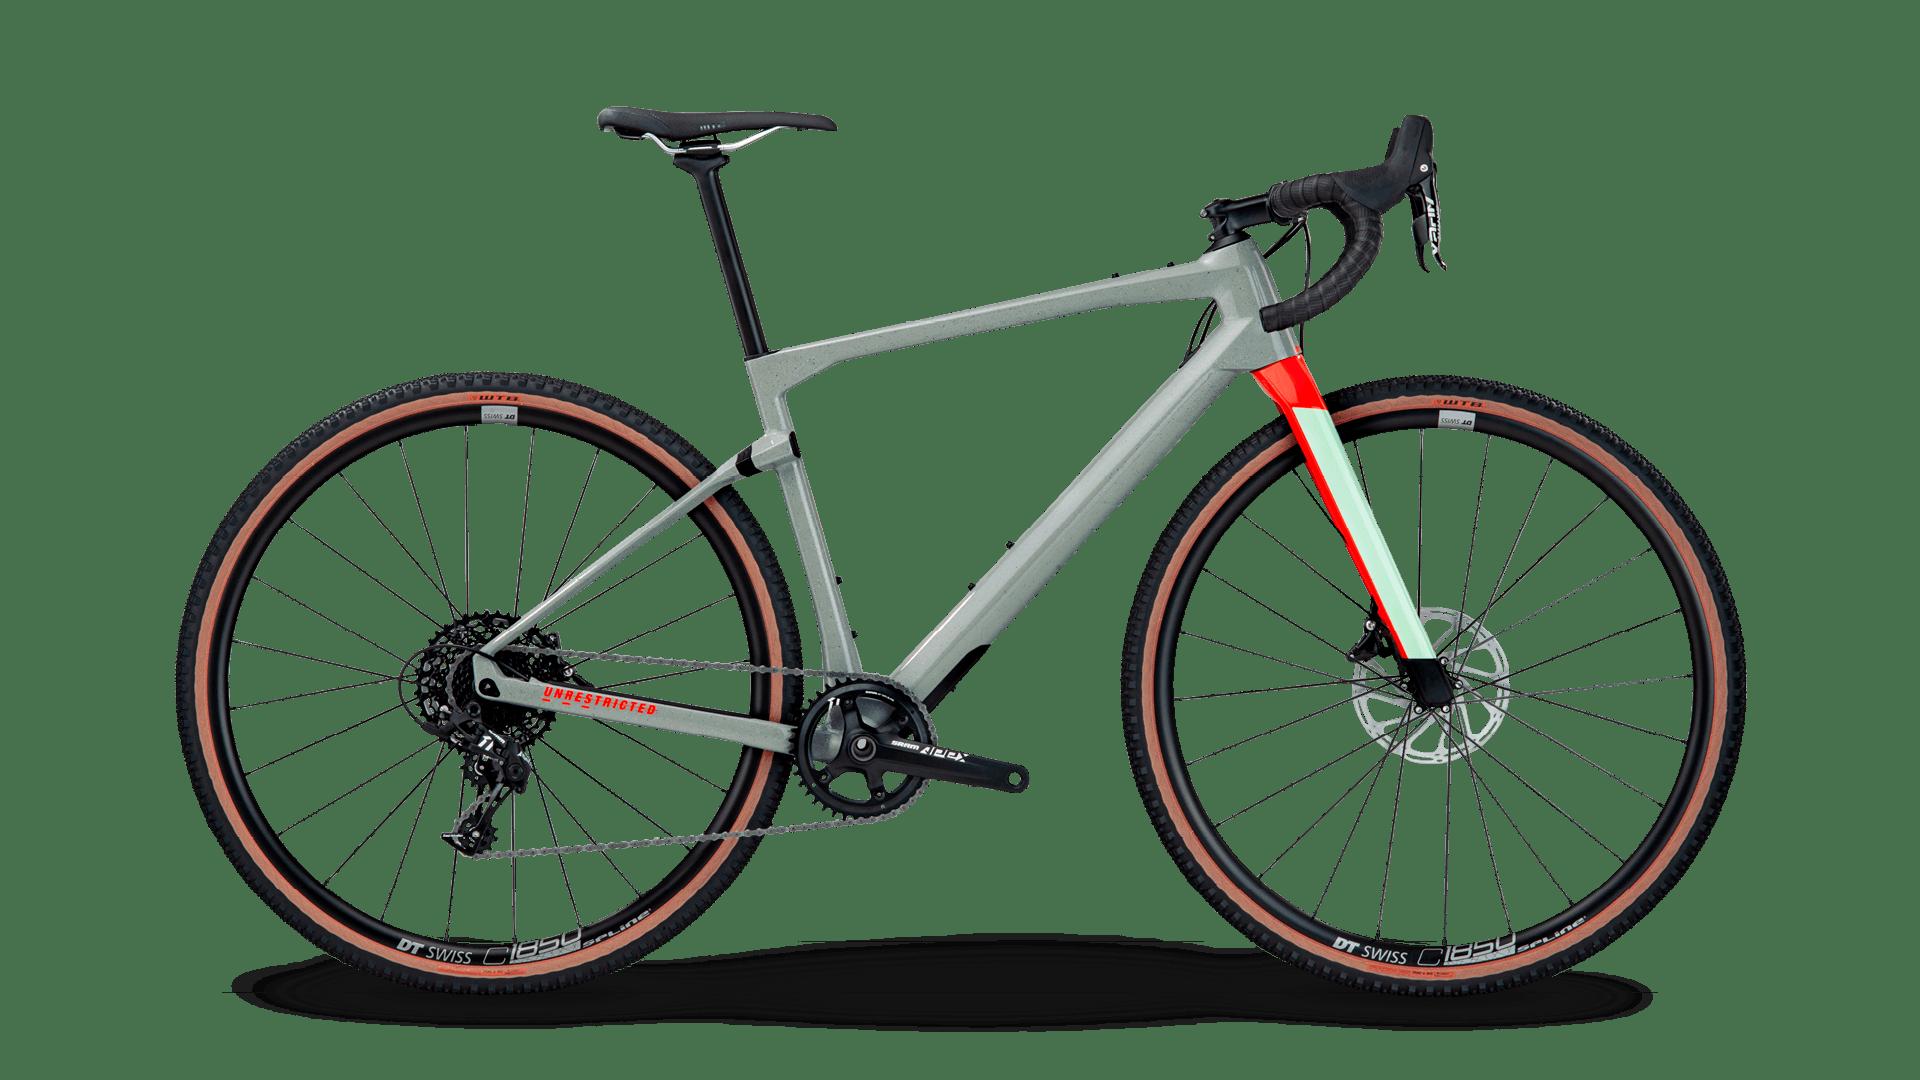 Urs One V1 My22 Bike Point Tenerife Bike Hire & Bike Rental